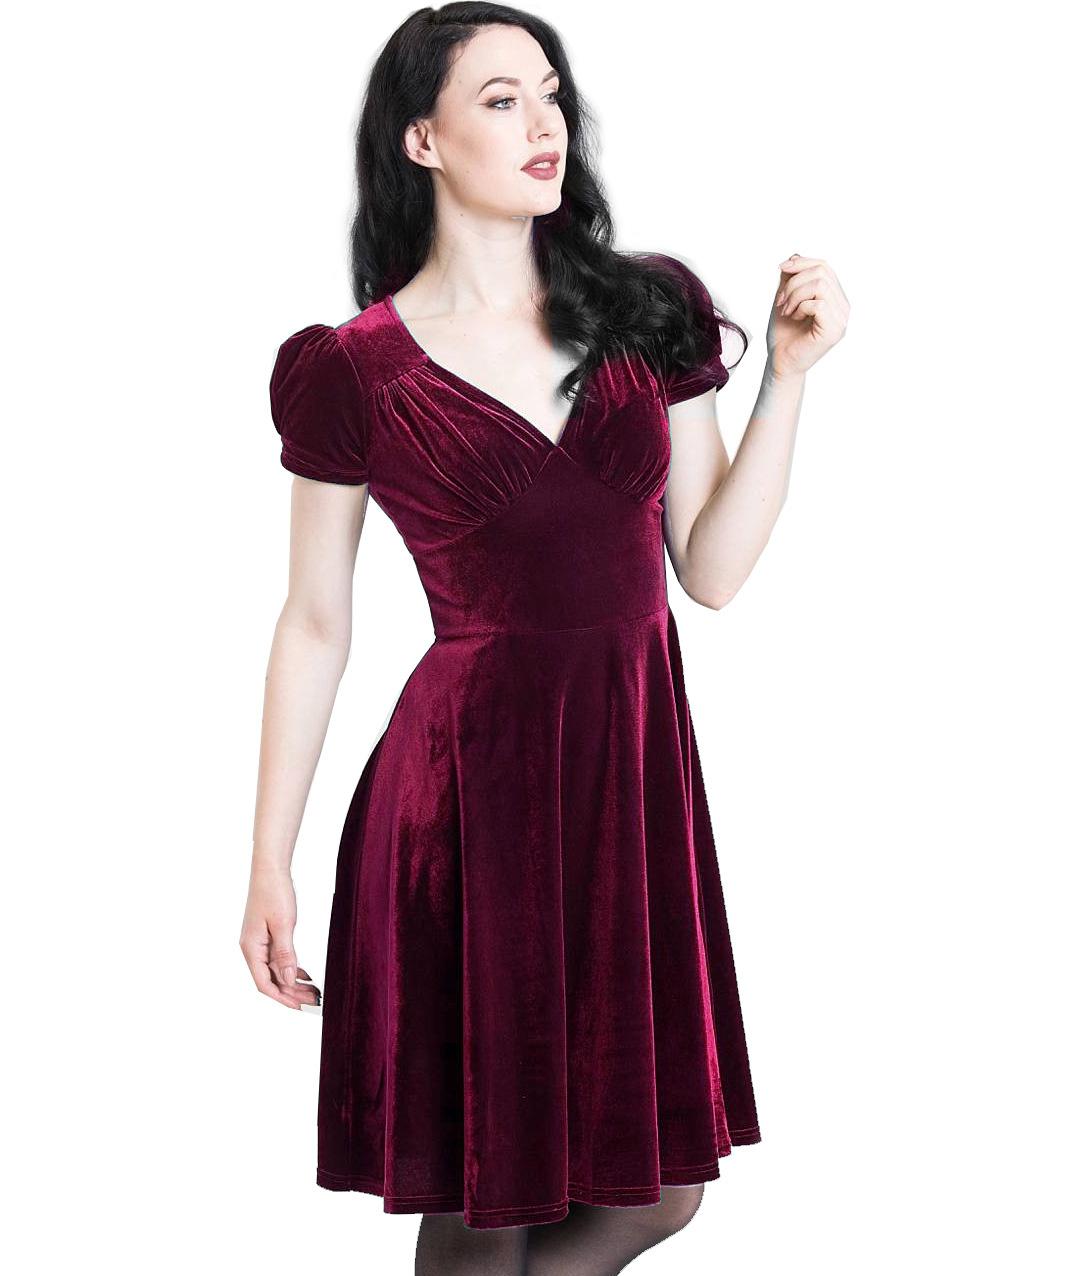 Hell-Bunny-40s-50s-Elegant-Pin-Up-Dress-JOANNE-Crushed-Velvet-Burgundy-All-Sizes thumbnail 27